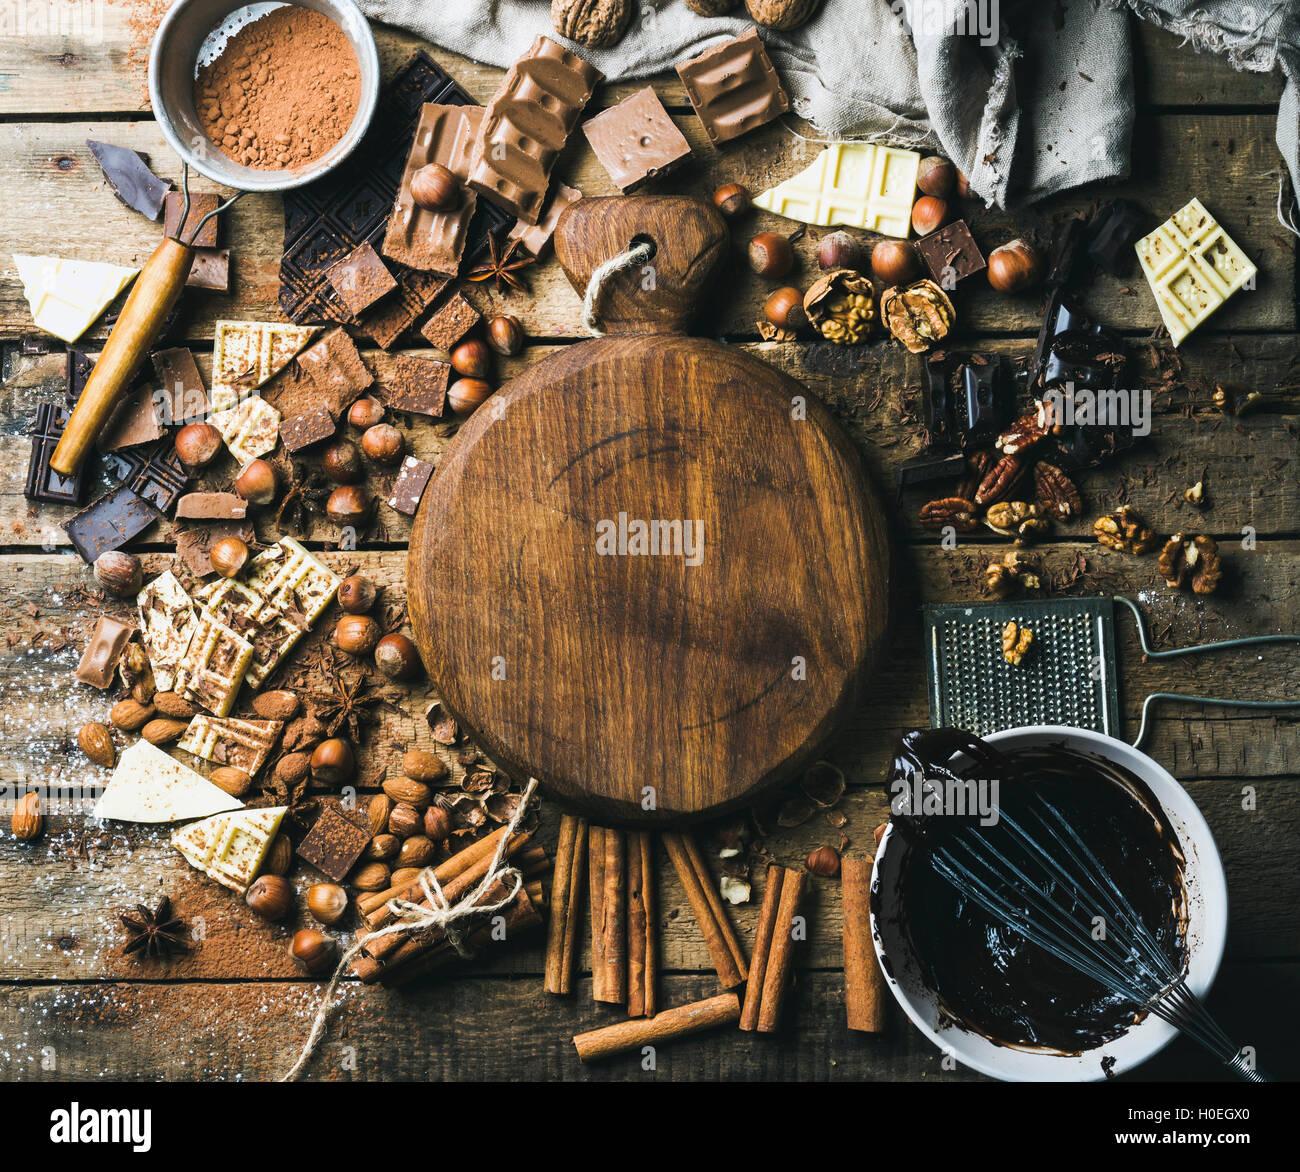 Piezas de blanco, oscuro y chocolate con leche, nueces, cacao en polvo, chocolate derretido y especias con placa Imagen De Stock